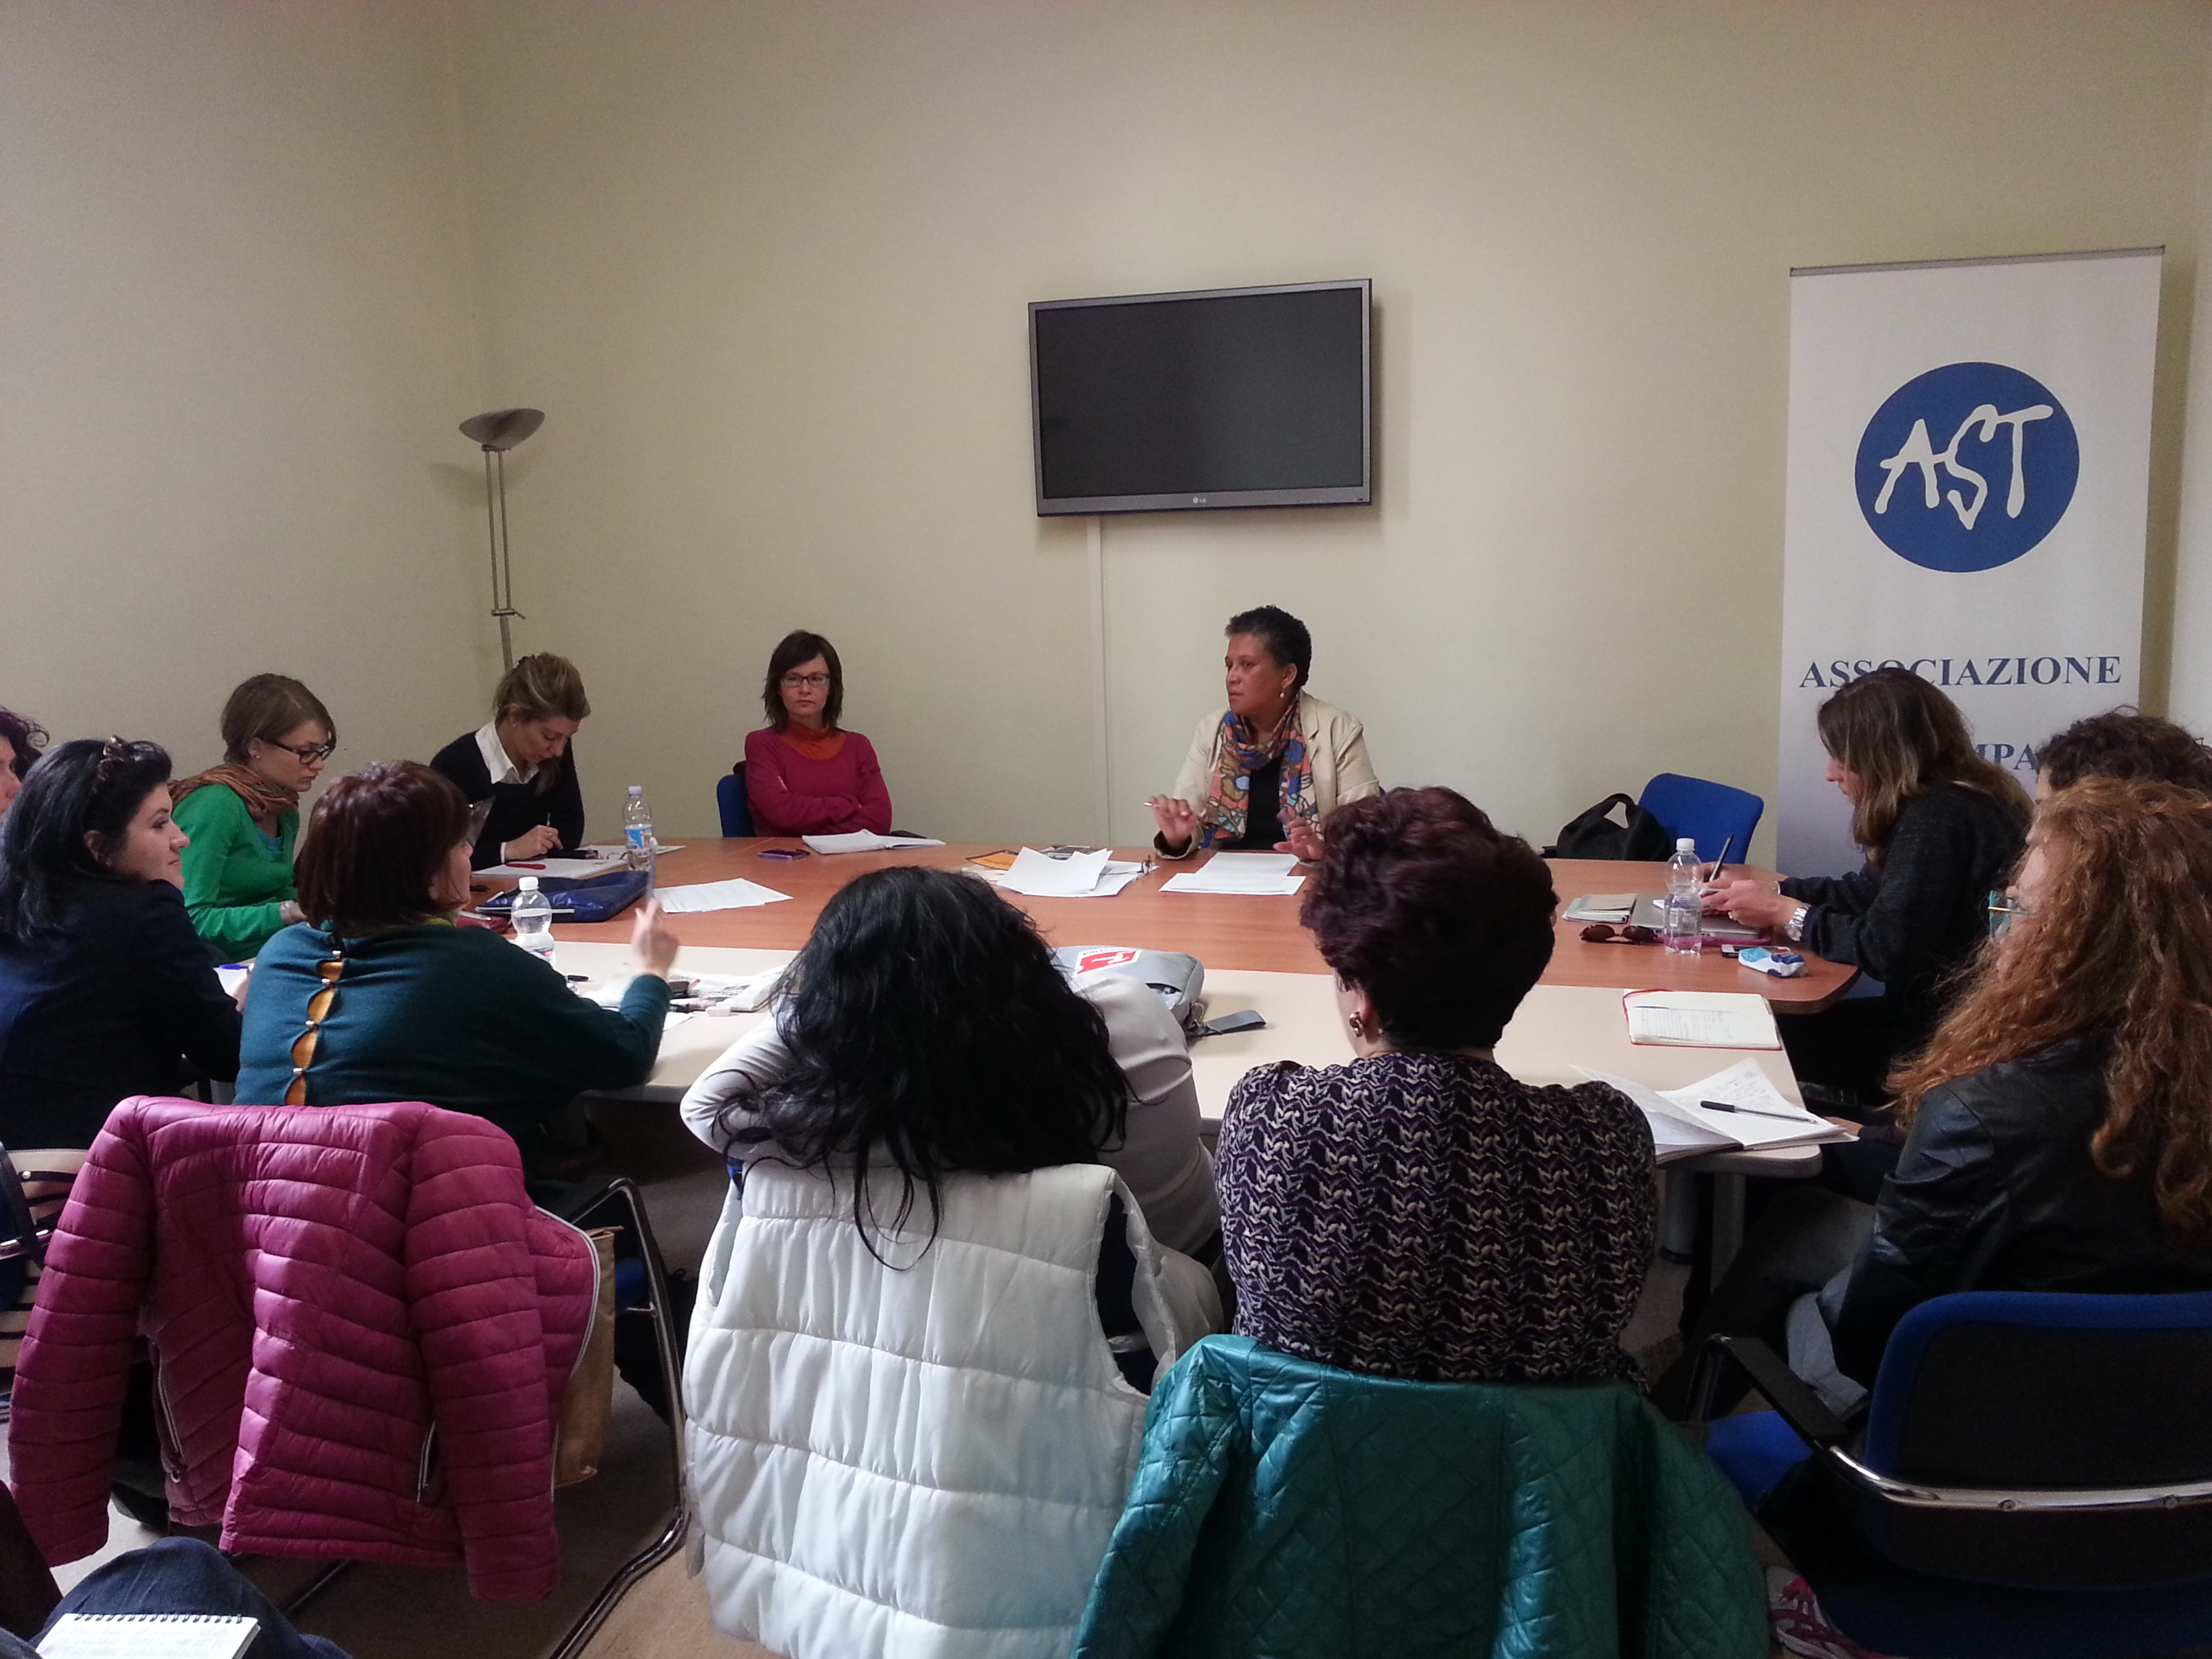 La parola alle donne. In Toscana una formazione per giornalisti su genere e intercultura